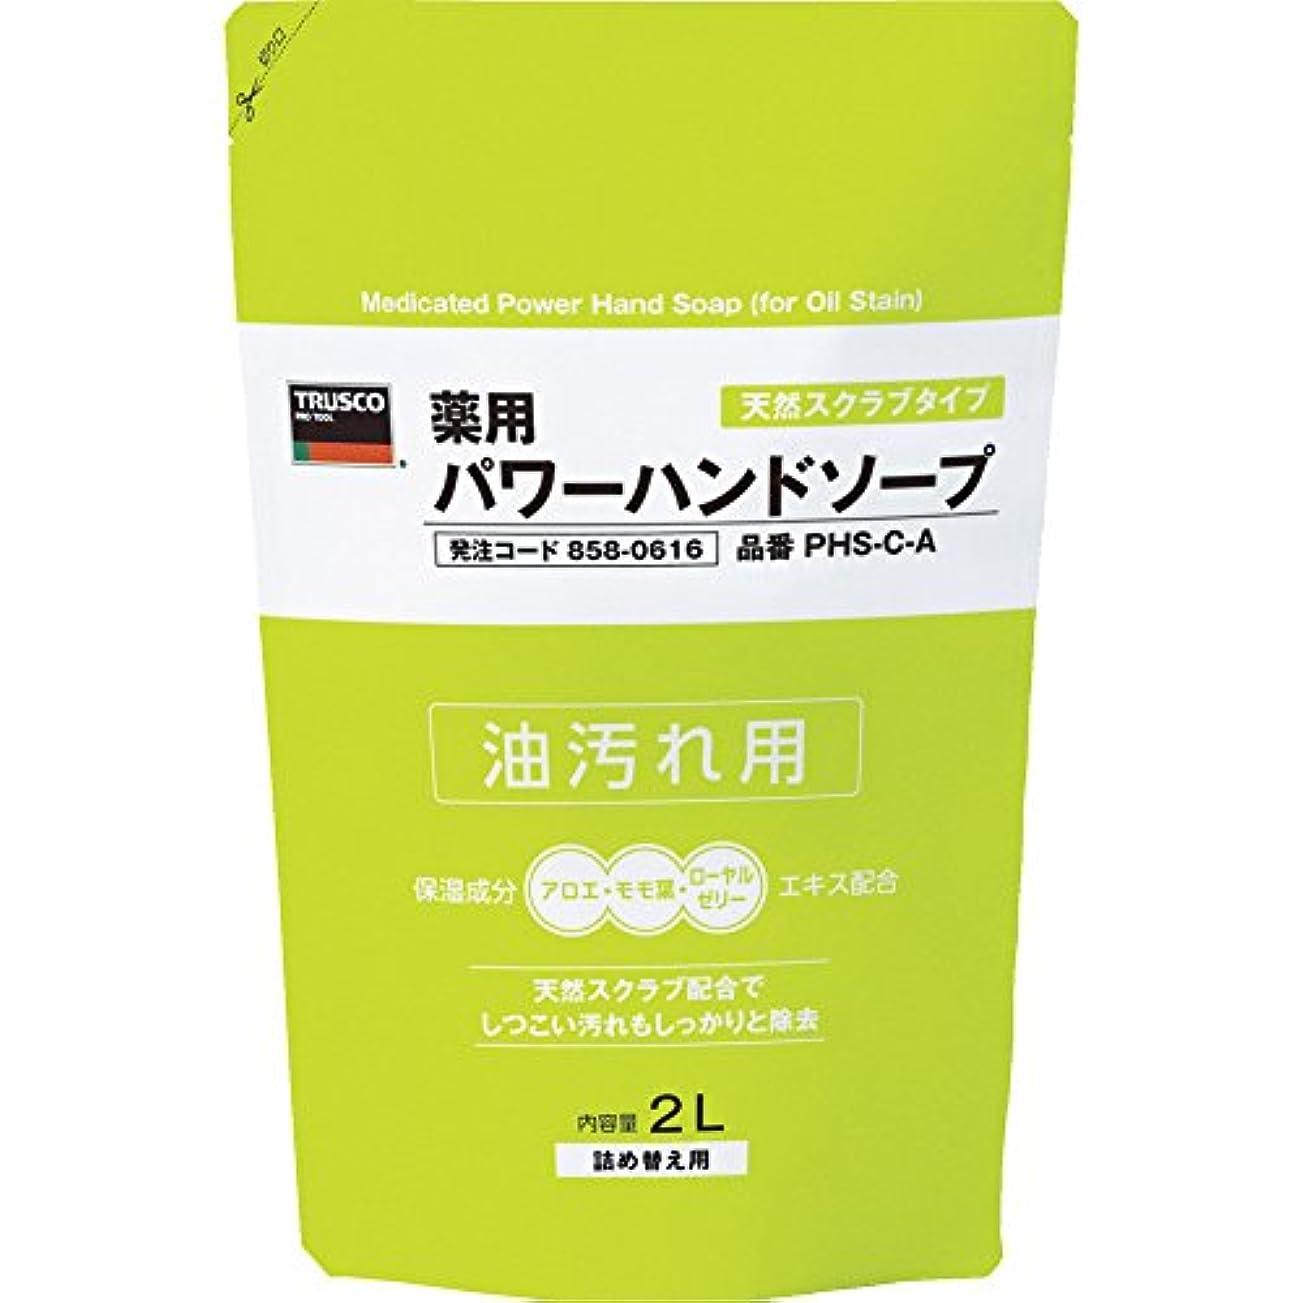 まっすぐ商標ラバTRUSCO(トラスコ) 薬用パワーハンドソープ 詰替パック 2.0L PHS-C-A